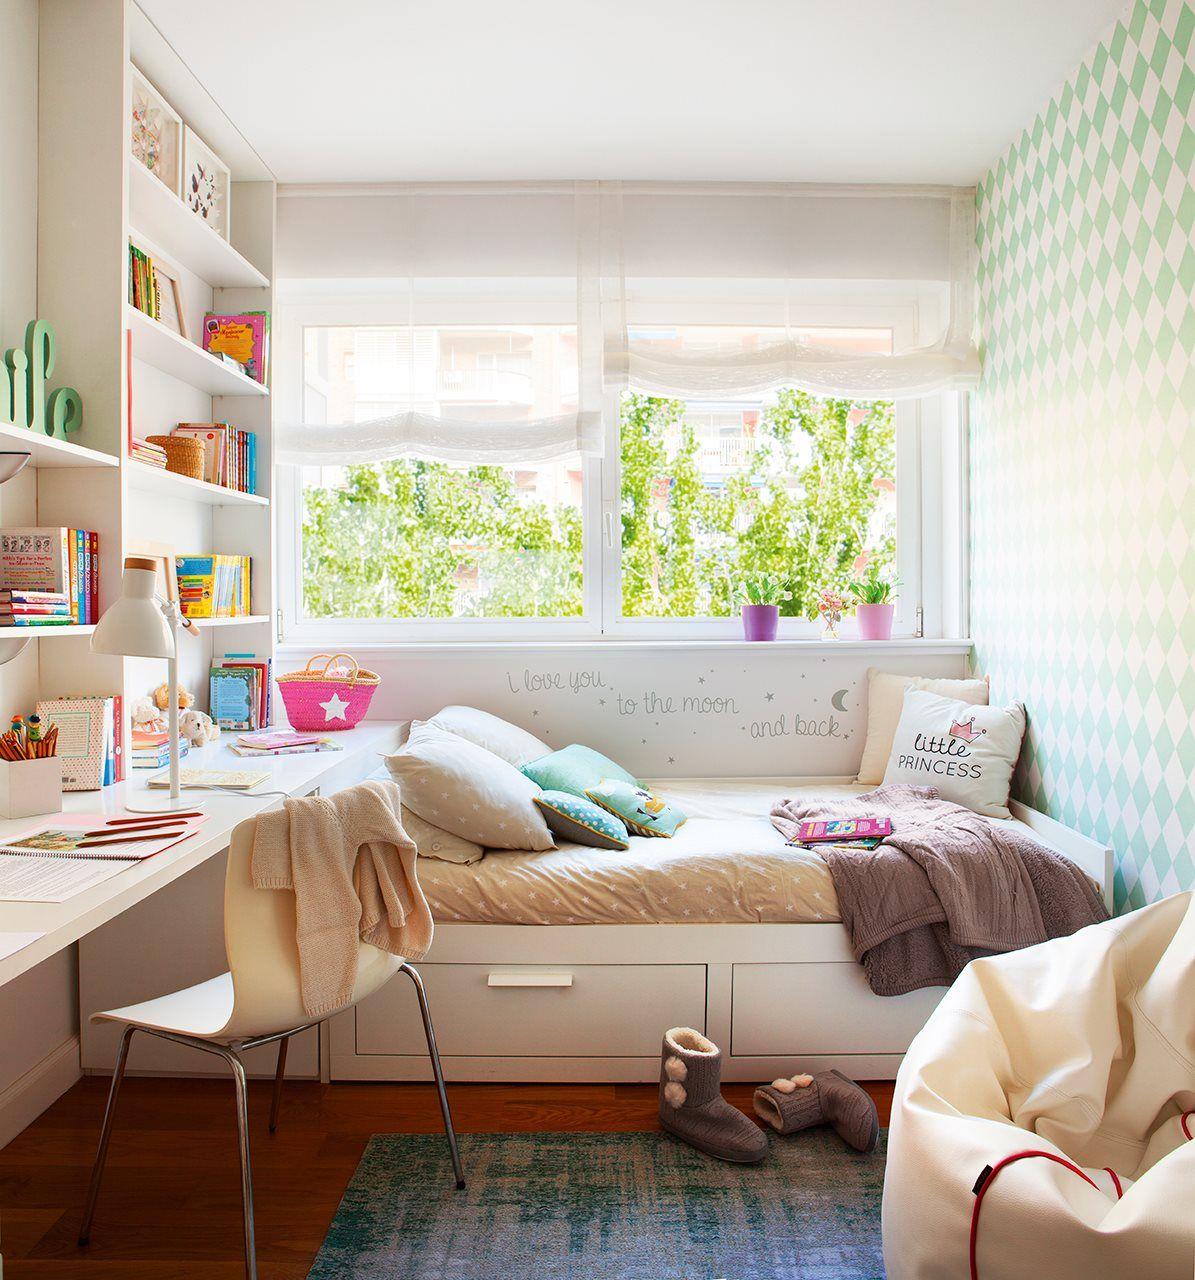 Habitaci n de la ni a cama ikea infantil dormitorio for Armario habitacion nina